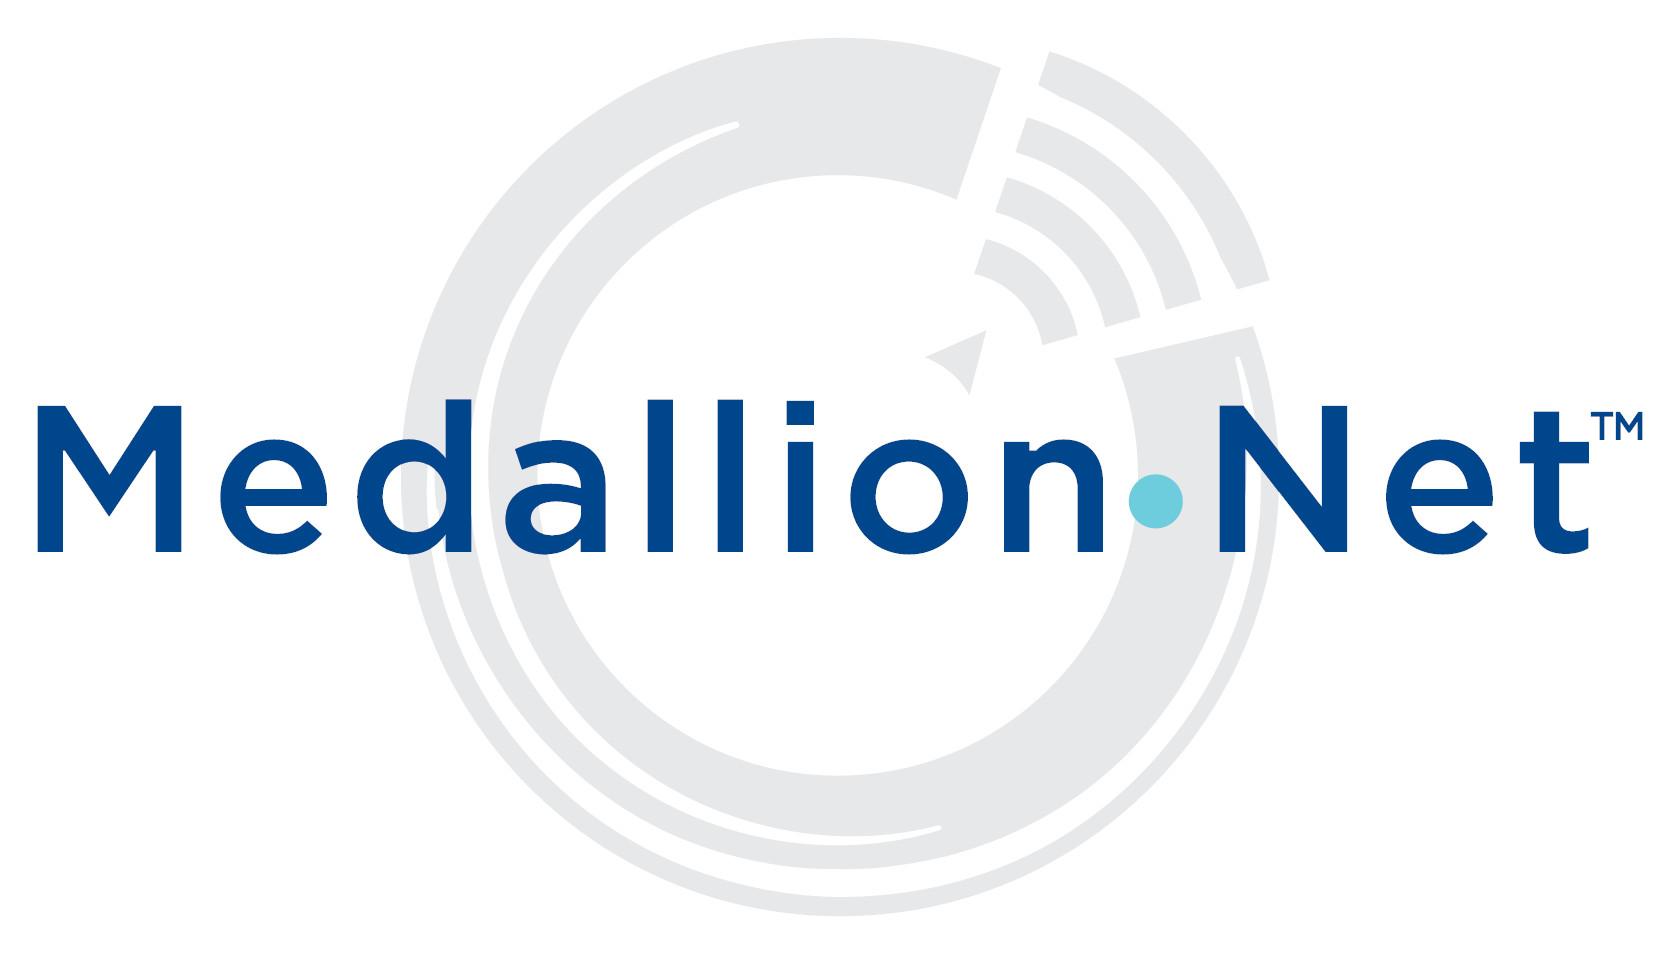 medallionnet_logo_new-greyvalue-01.jpg